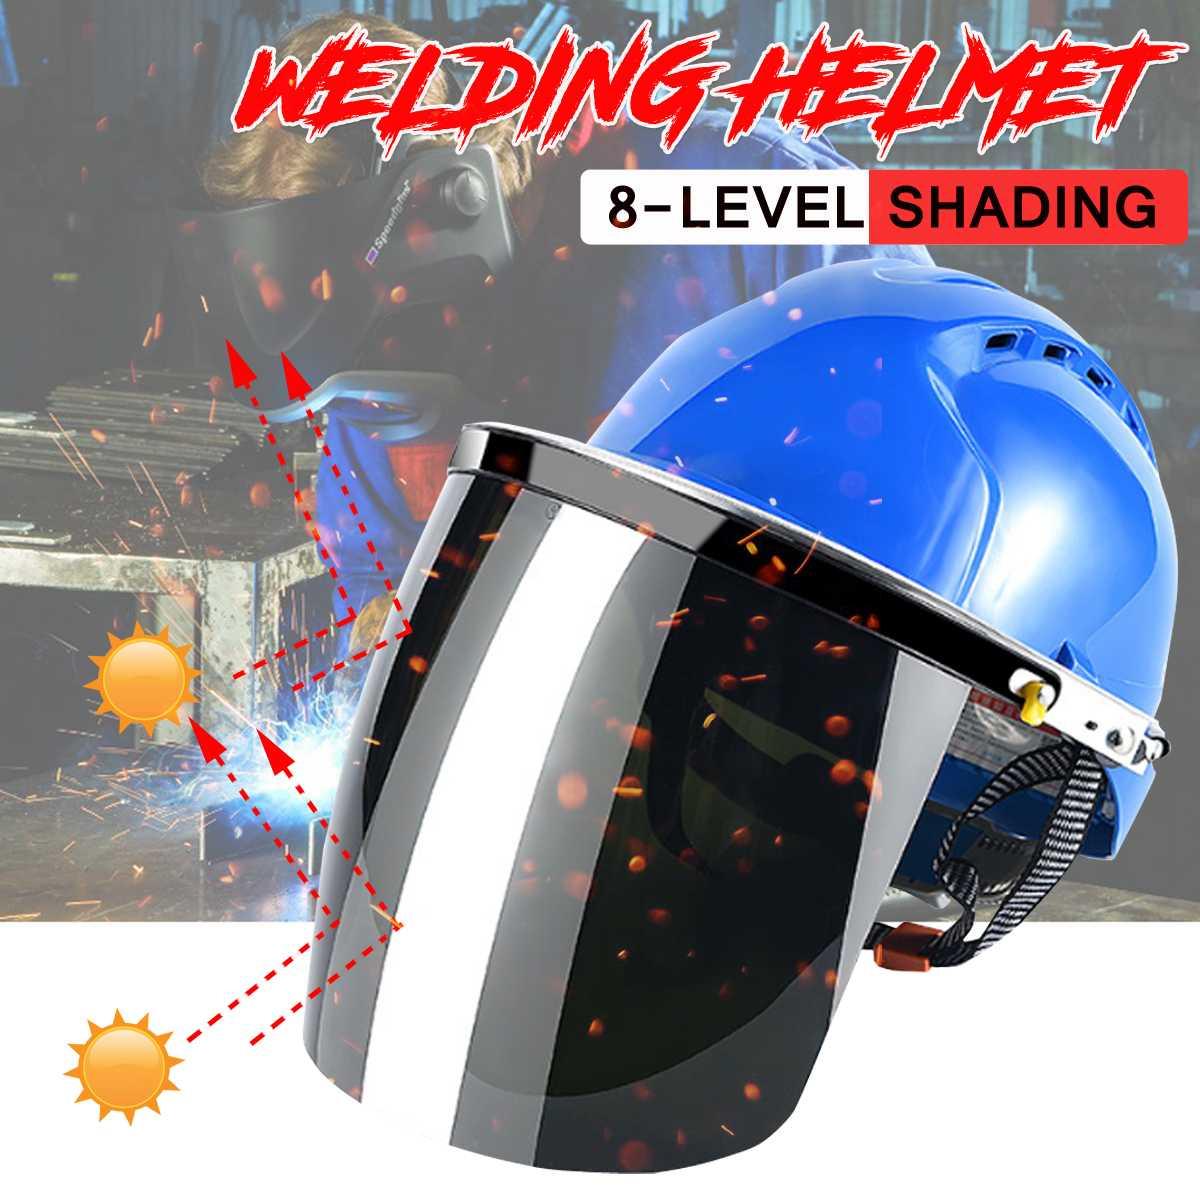 Anti-uv Zurück Len Schweißen Maske Helm Gesicht Schutz Sicherheit Löten Schutz Maske Für Schweißer Arbeits Schleifen Scratch-beständig